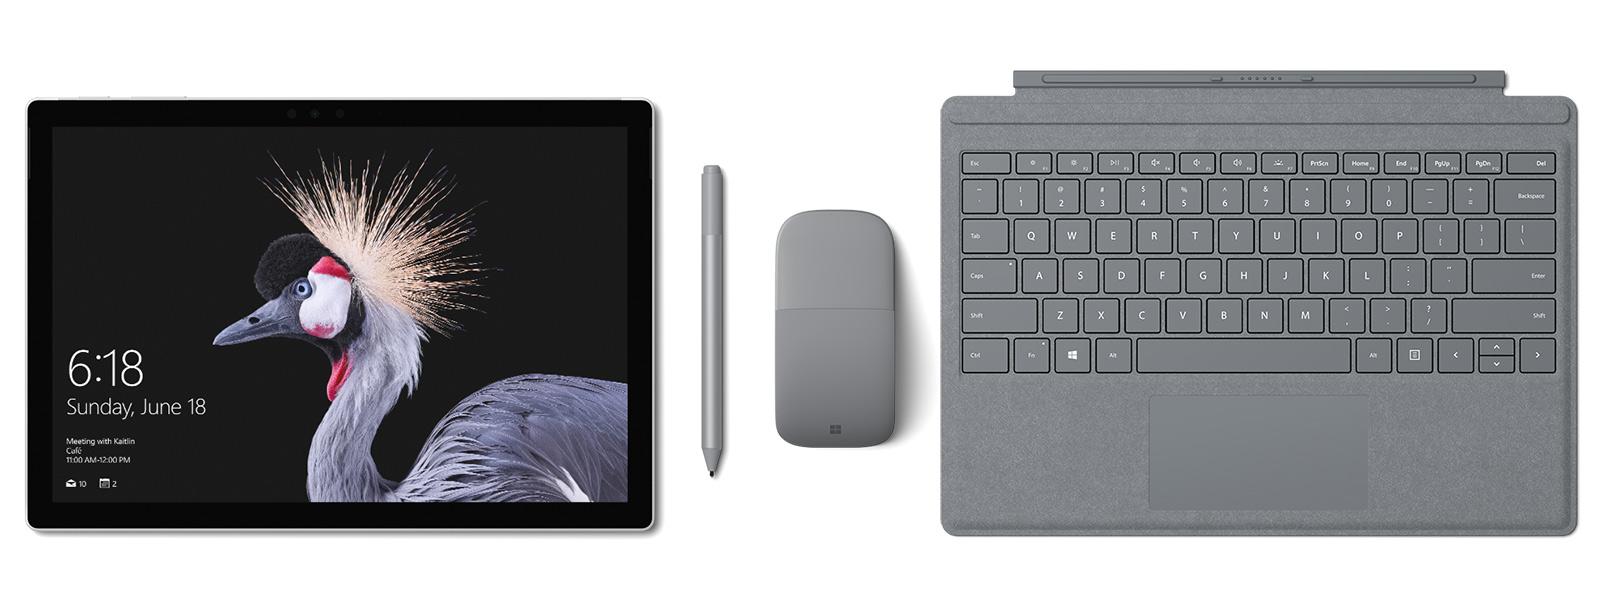 รรูป Surface Pro พร้อม Signature Type Cover สำหรับ Surface Pro, ปากกา Surface และ Surface Arc Mouse สีแพลตินัม มาพร้อมกับปากกา Surface